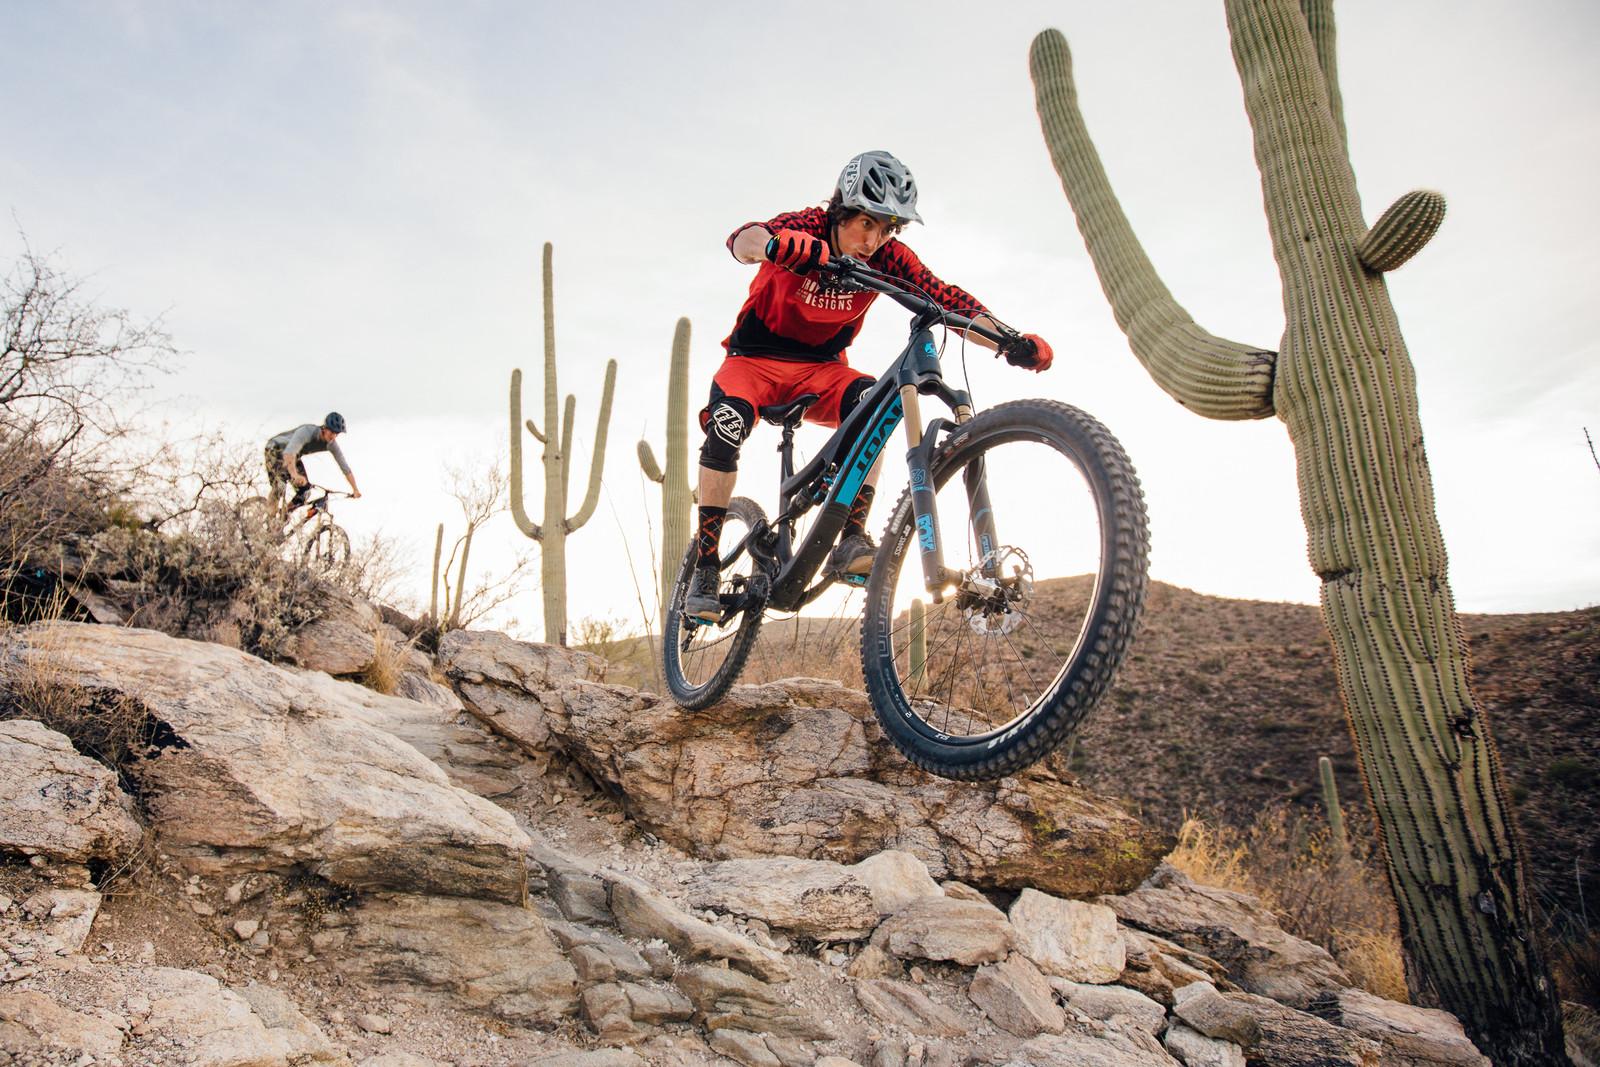 Pivot Firebird Carbon Pro XT / XTR - 2017 Vital MTB Test Sessions - Pivot Firebird Carbon Pro XT / XTR - 2017 Vital MTB Test Sessions - Mountain Biking Pictures - Vital MTB